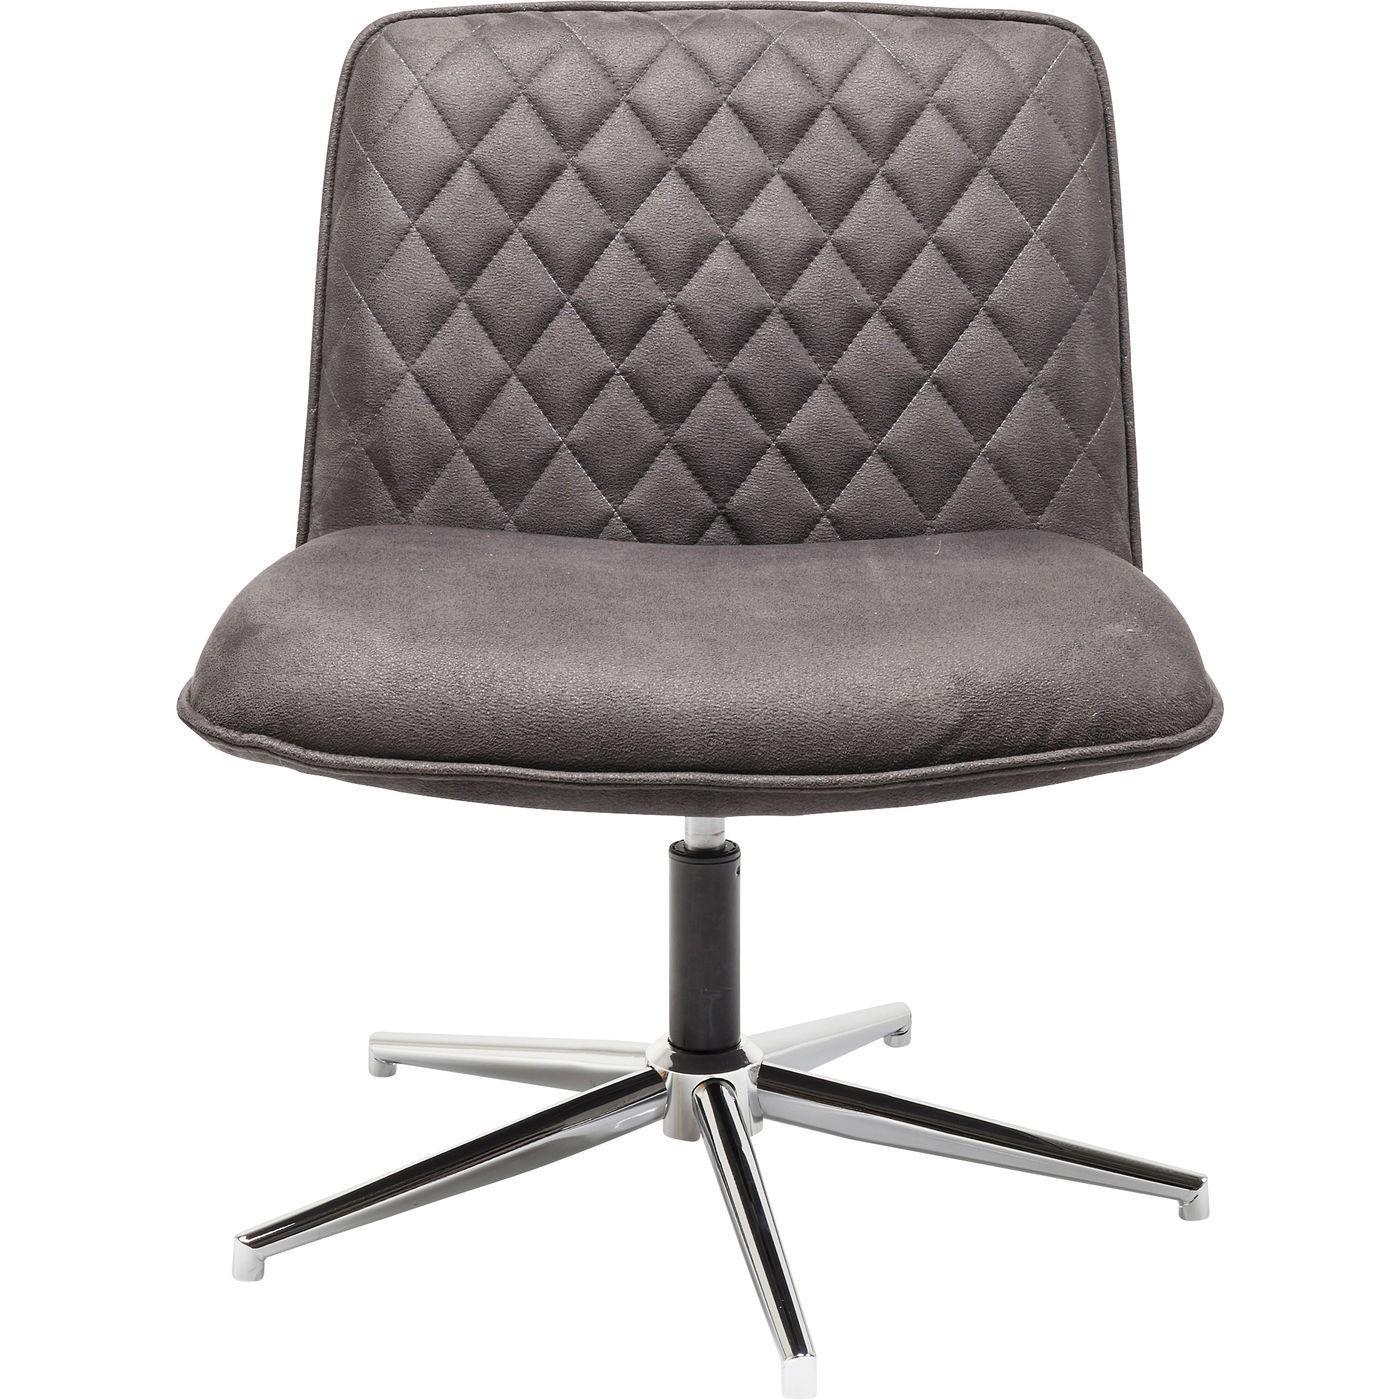 kare design – Kare design swivel hank lænestol - brunt stof og poleret stål, m. drejefunktion på boboonline.dk